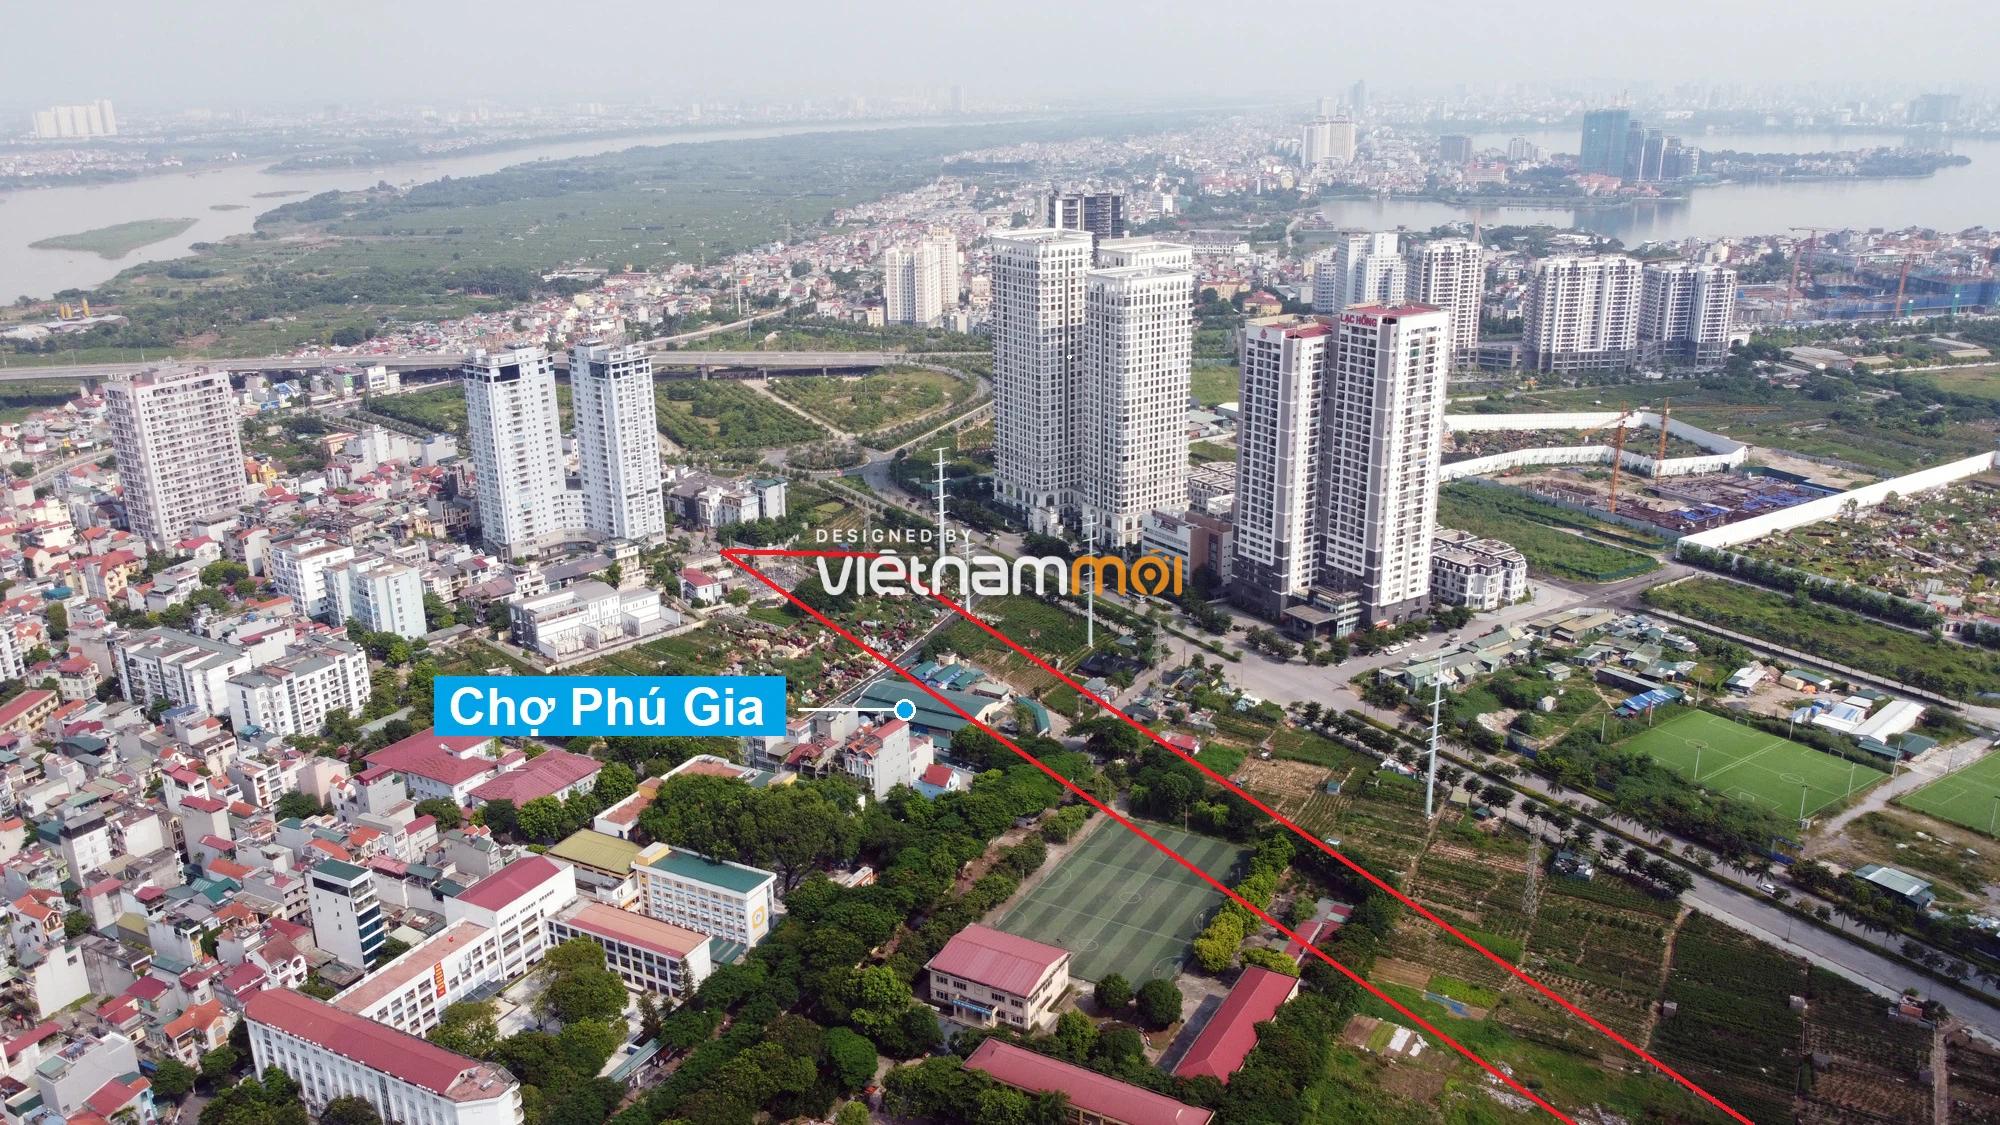 Những khu đất sắp thu hồi để mở đường ở quận Tây Hồ, Hà Nội (phần 3) - Ảnh 8.